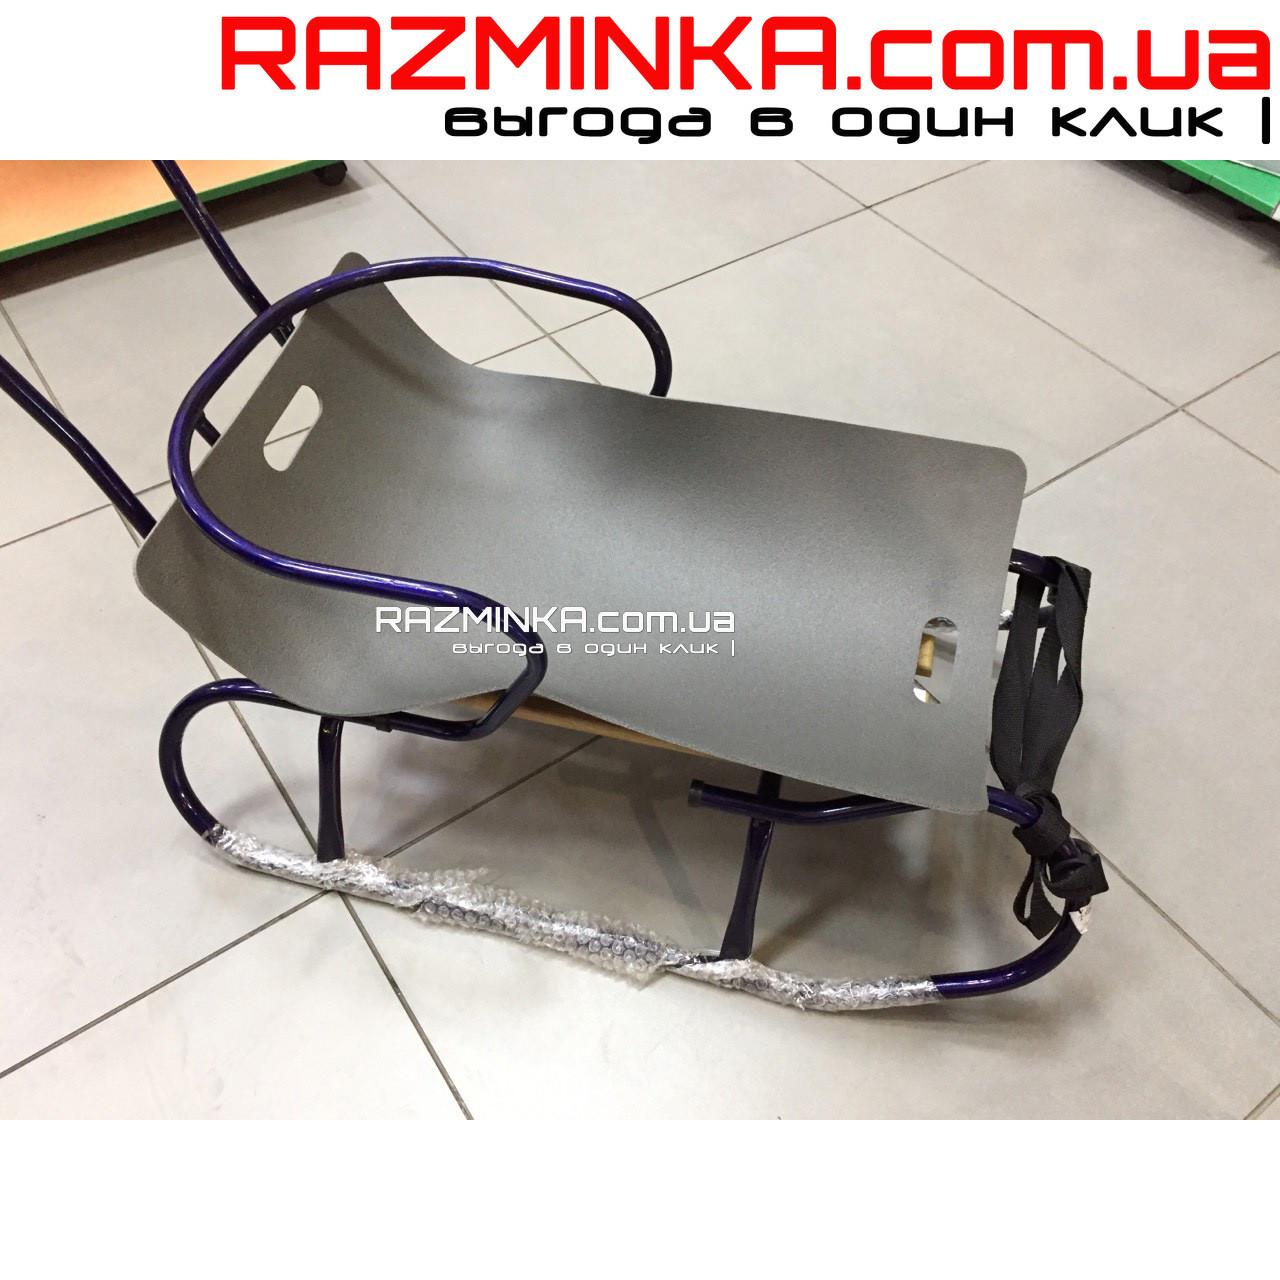 Термо сидушка детская в санки, коляску - оптово-розничный интернет магазин Разминка в Днепре